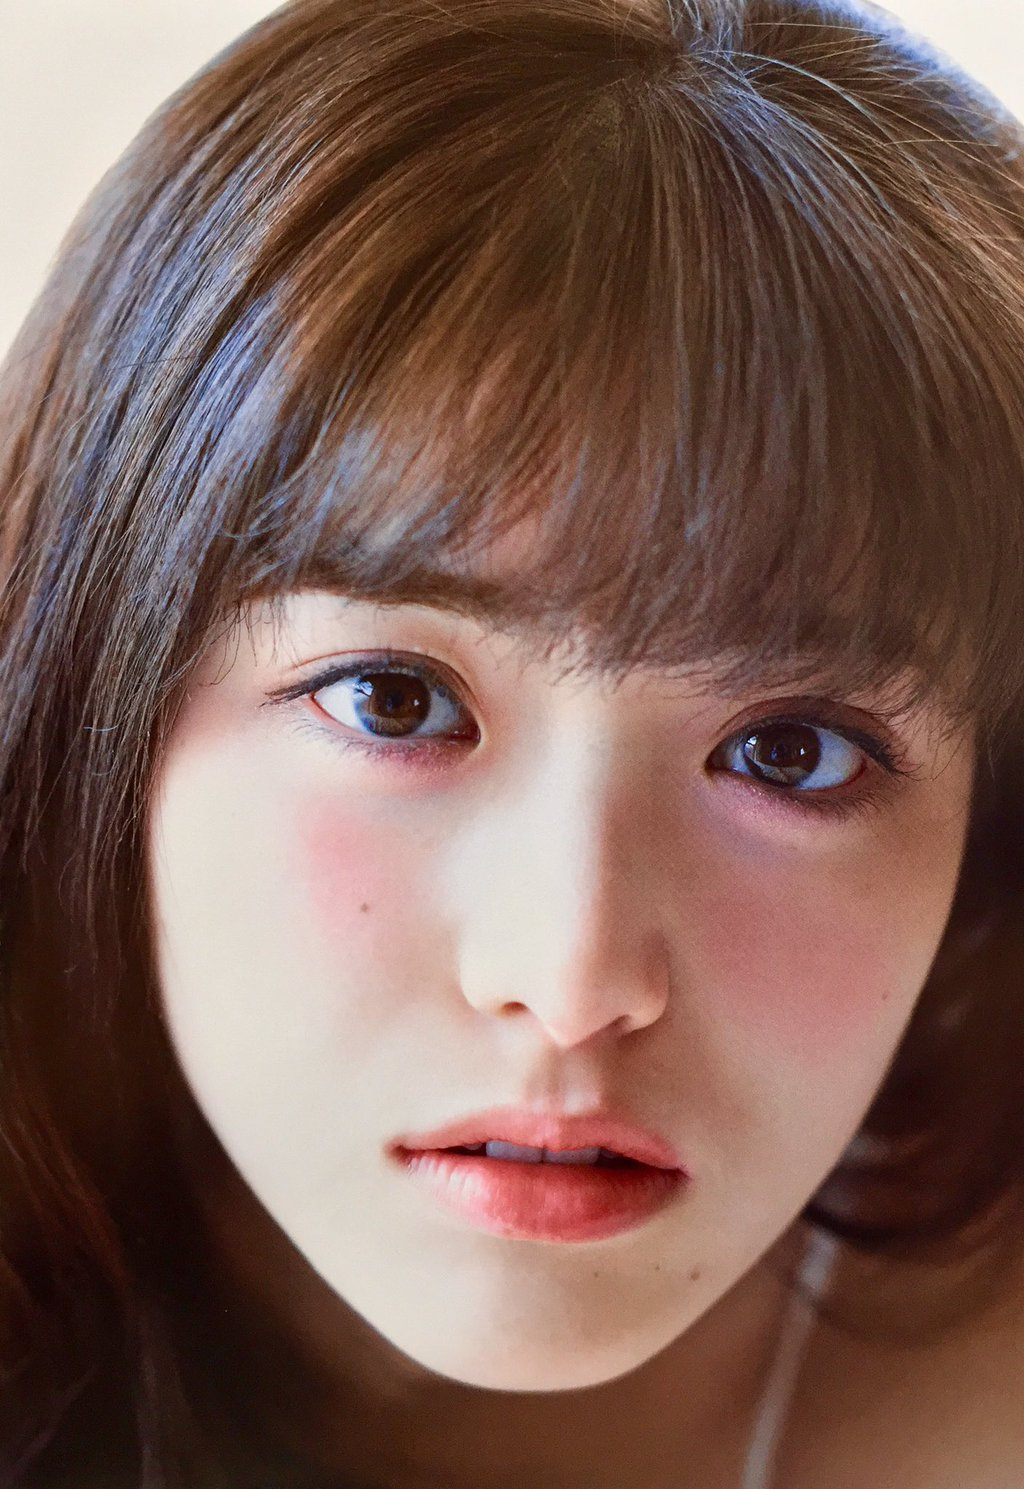 乃木坂46松村沙友理(25)写真集の抜ける下着姿エロ画像130枚・29枚目の画像